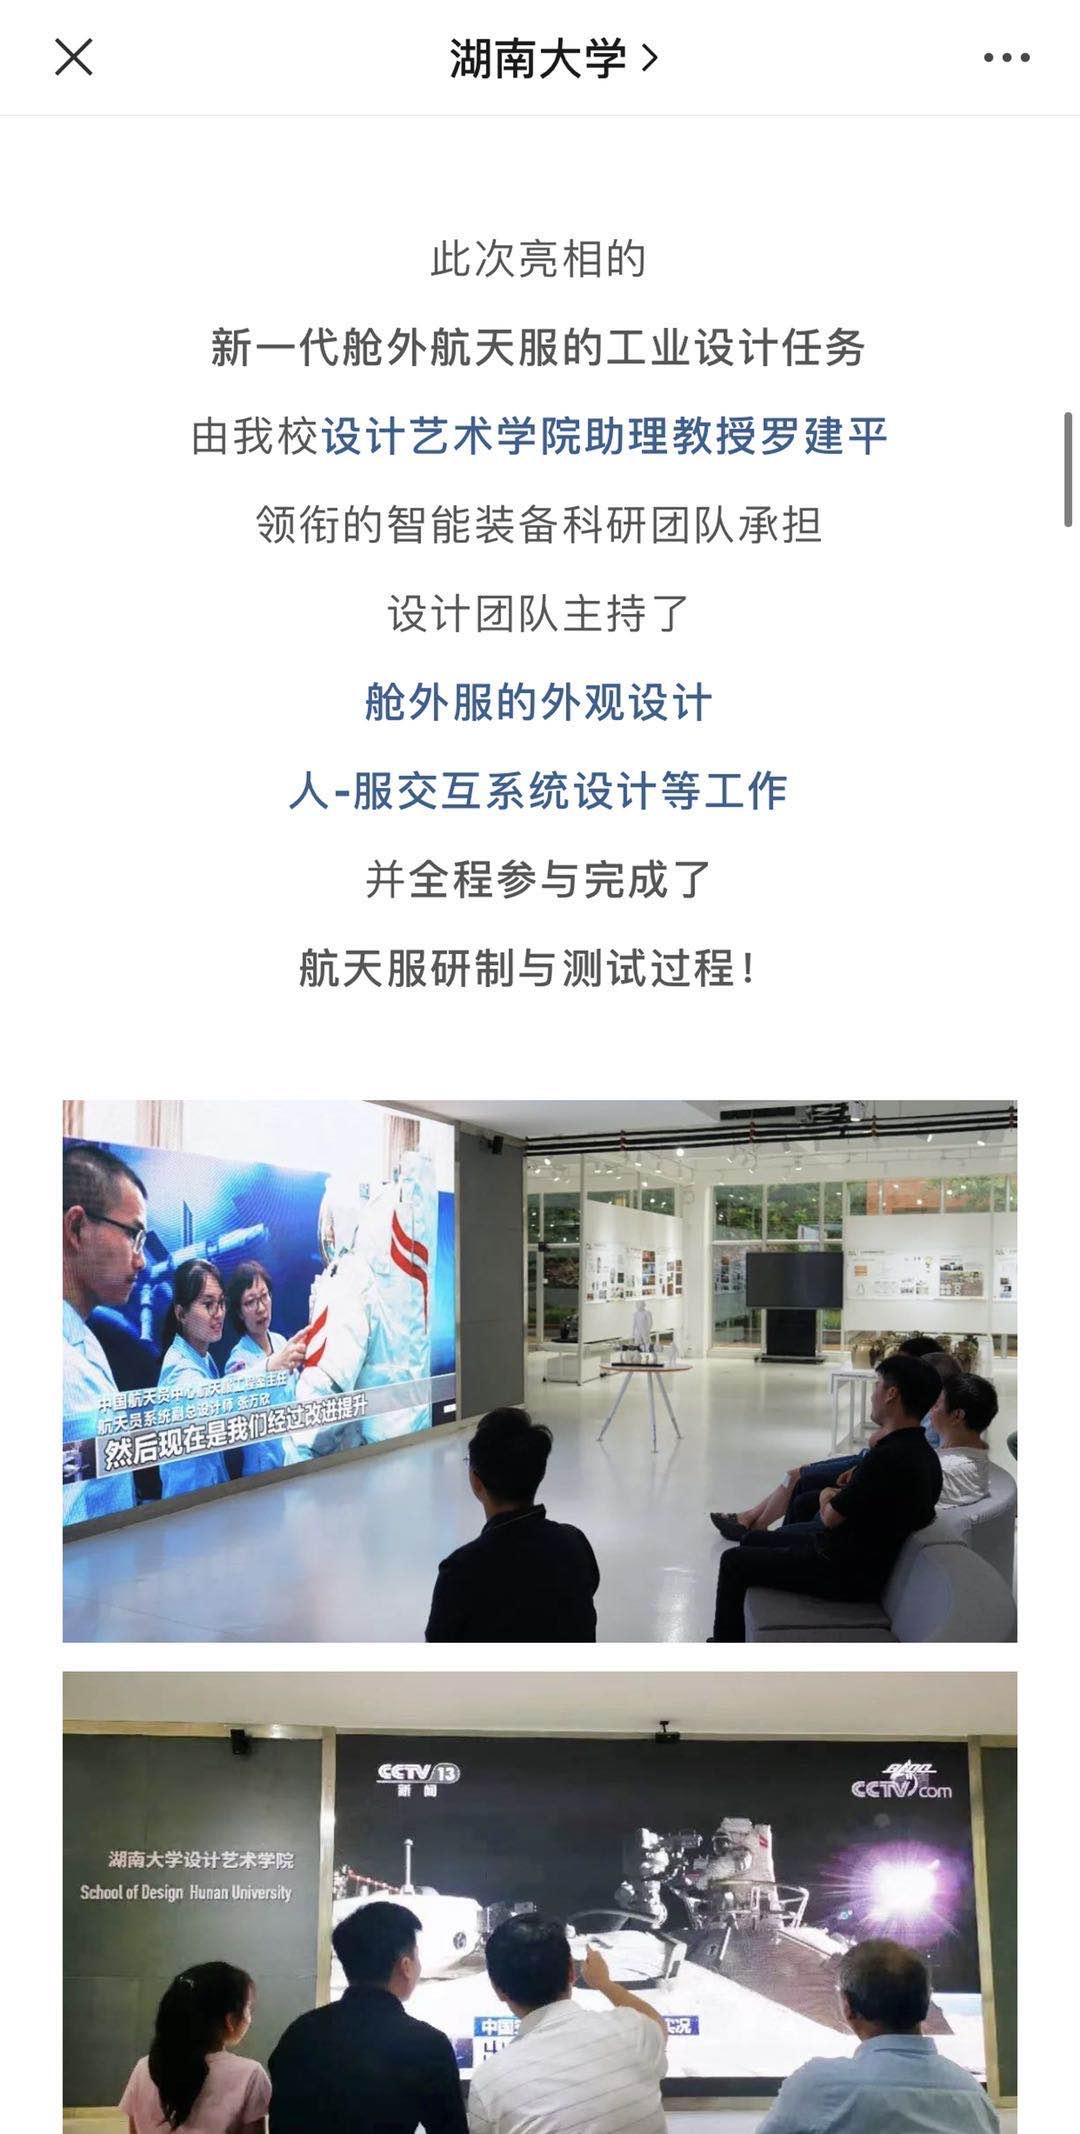 湖南大学7月4日微信公众号推文介绍。湖南大学官方微信公众账号 图